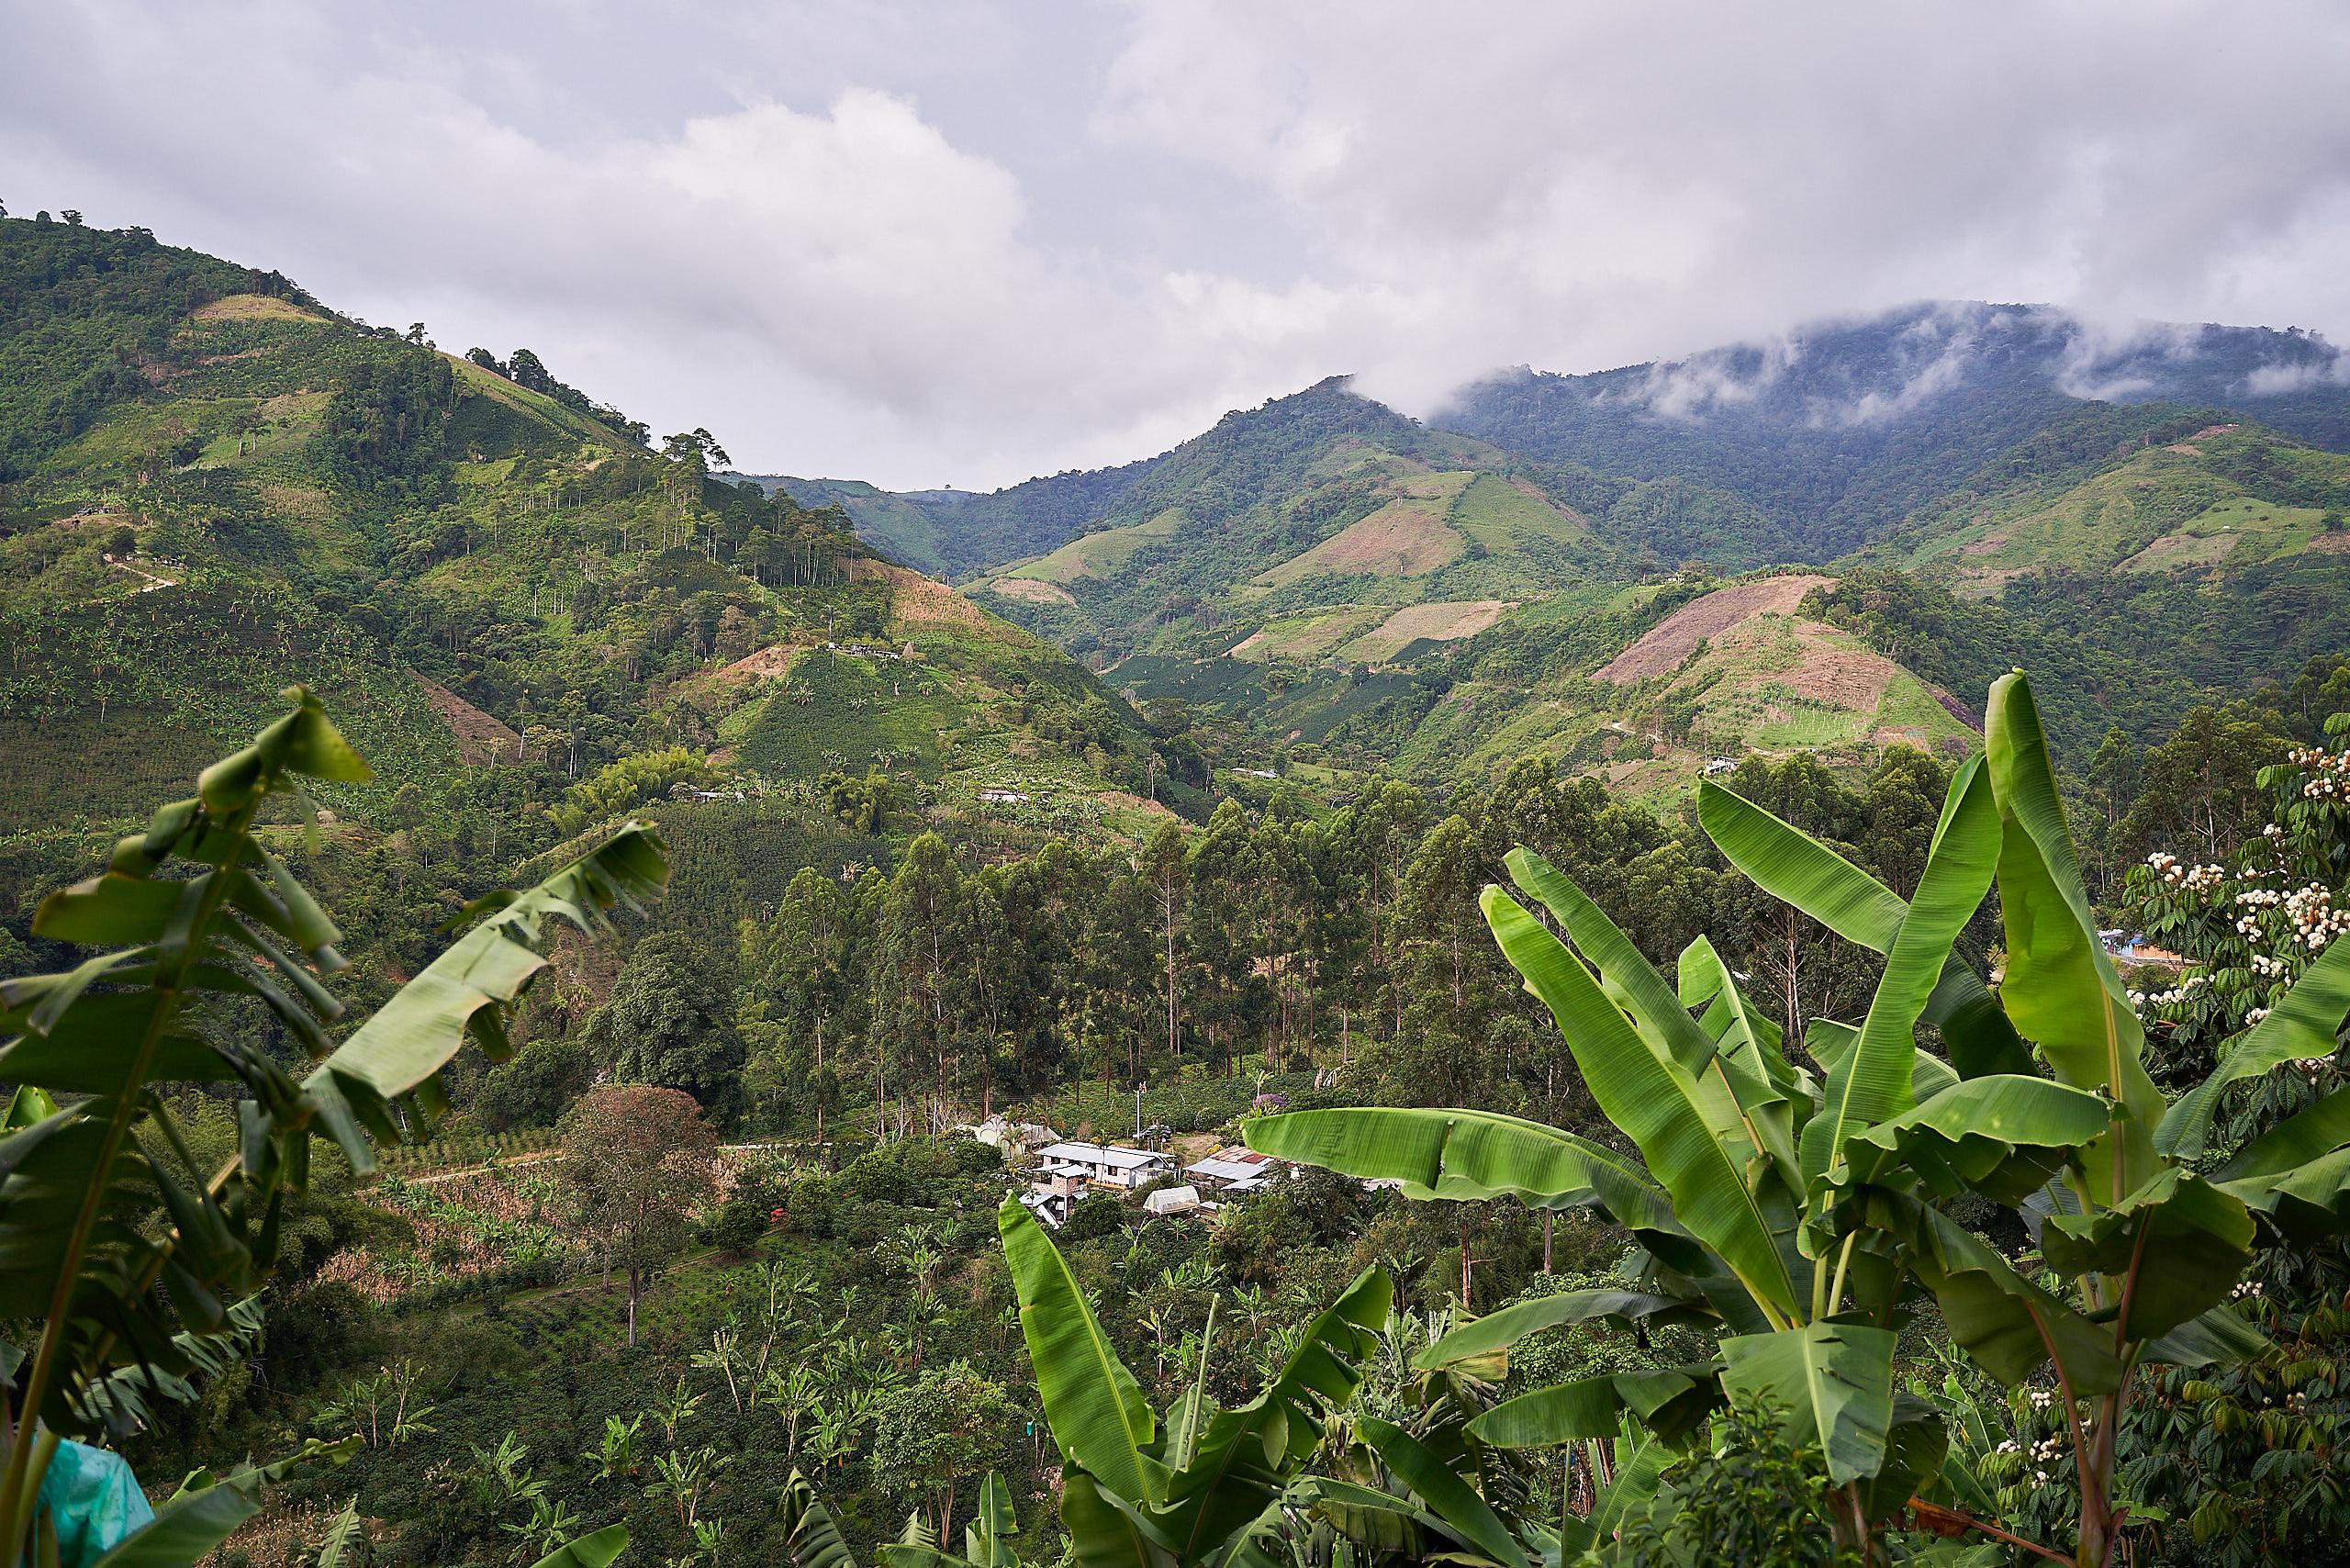 Udsigten over kaffefarmen